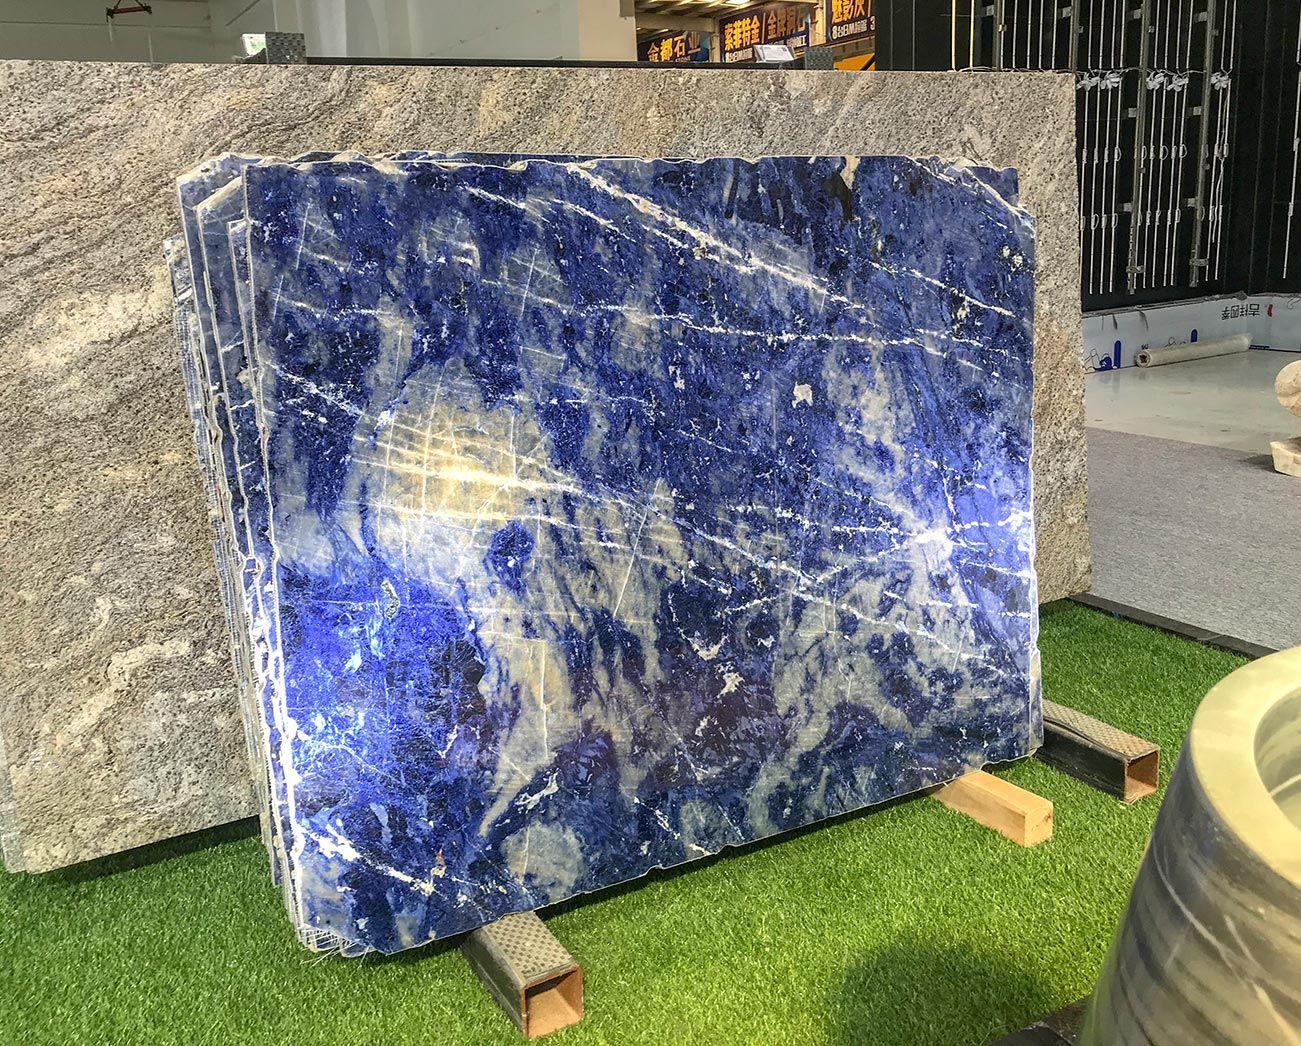 A Look At Blue Bahia Granite It S So Beautiful We Can T Stop Looking Blue Granite Countertops Granite Countertops Kitchen Granite